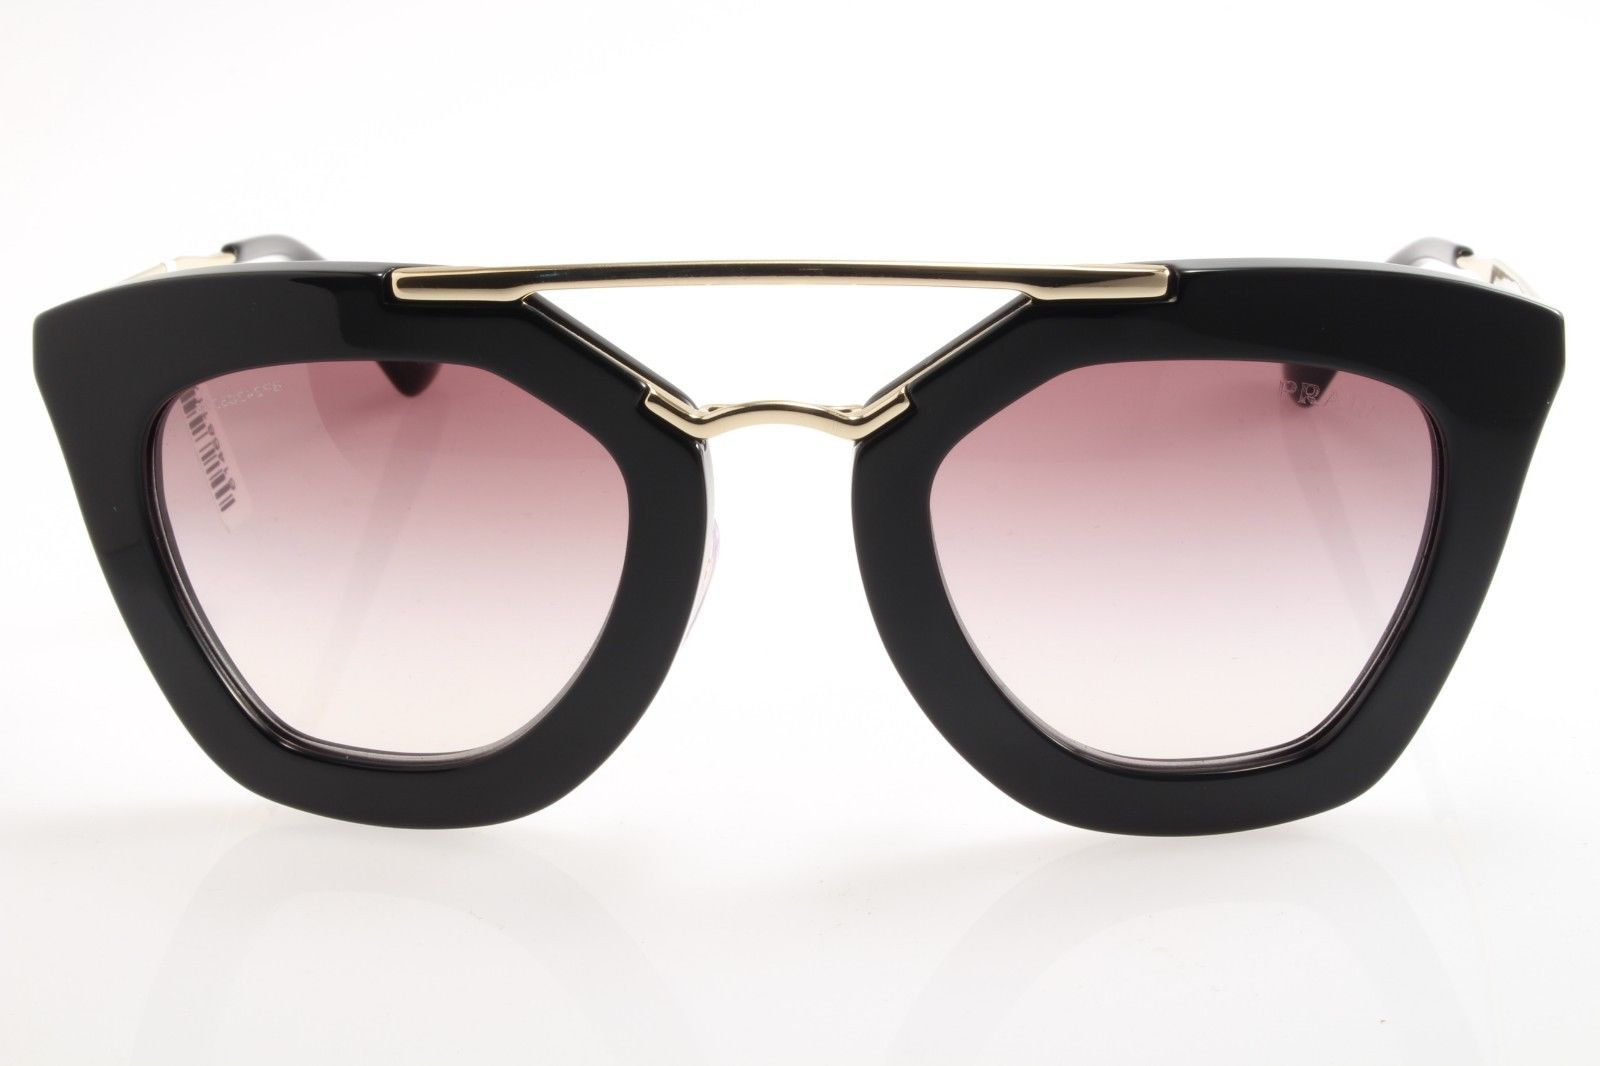 c0cd024b1b ... discount code for new original prada cinema spr 09qs 1ab 0a7 49  sunglasses womens black gradient ...